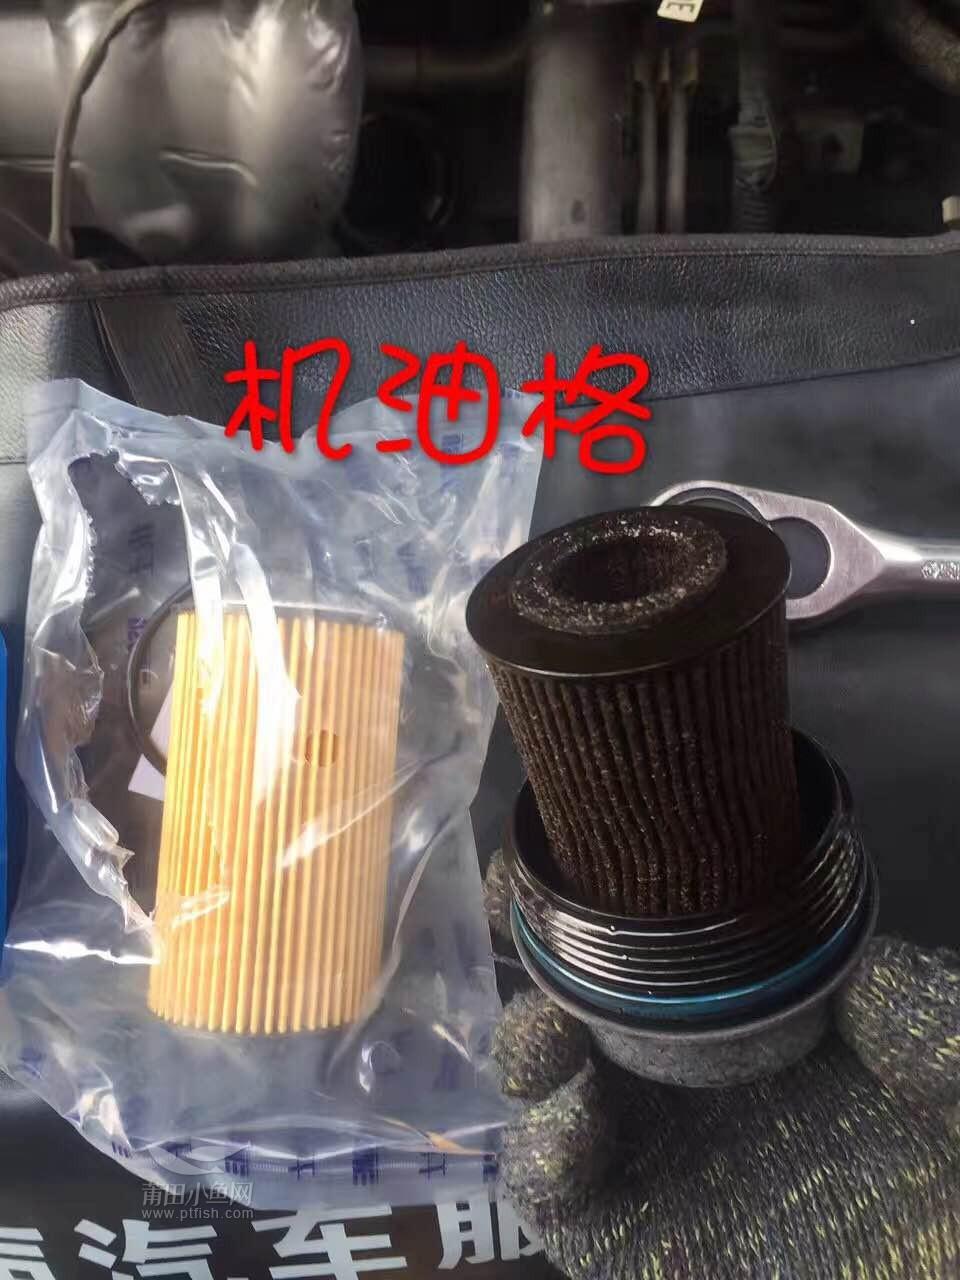 佛兰科鲁兹更换机油 机油格 清洗发动机高清图片